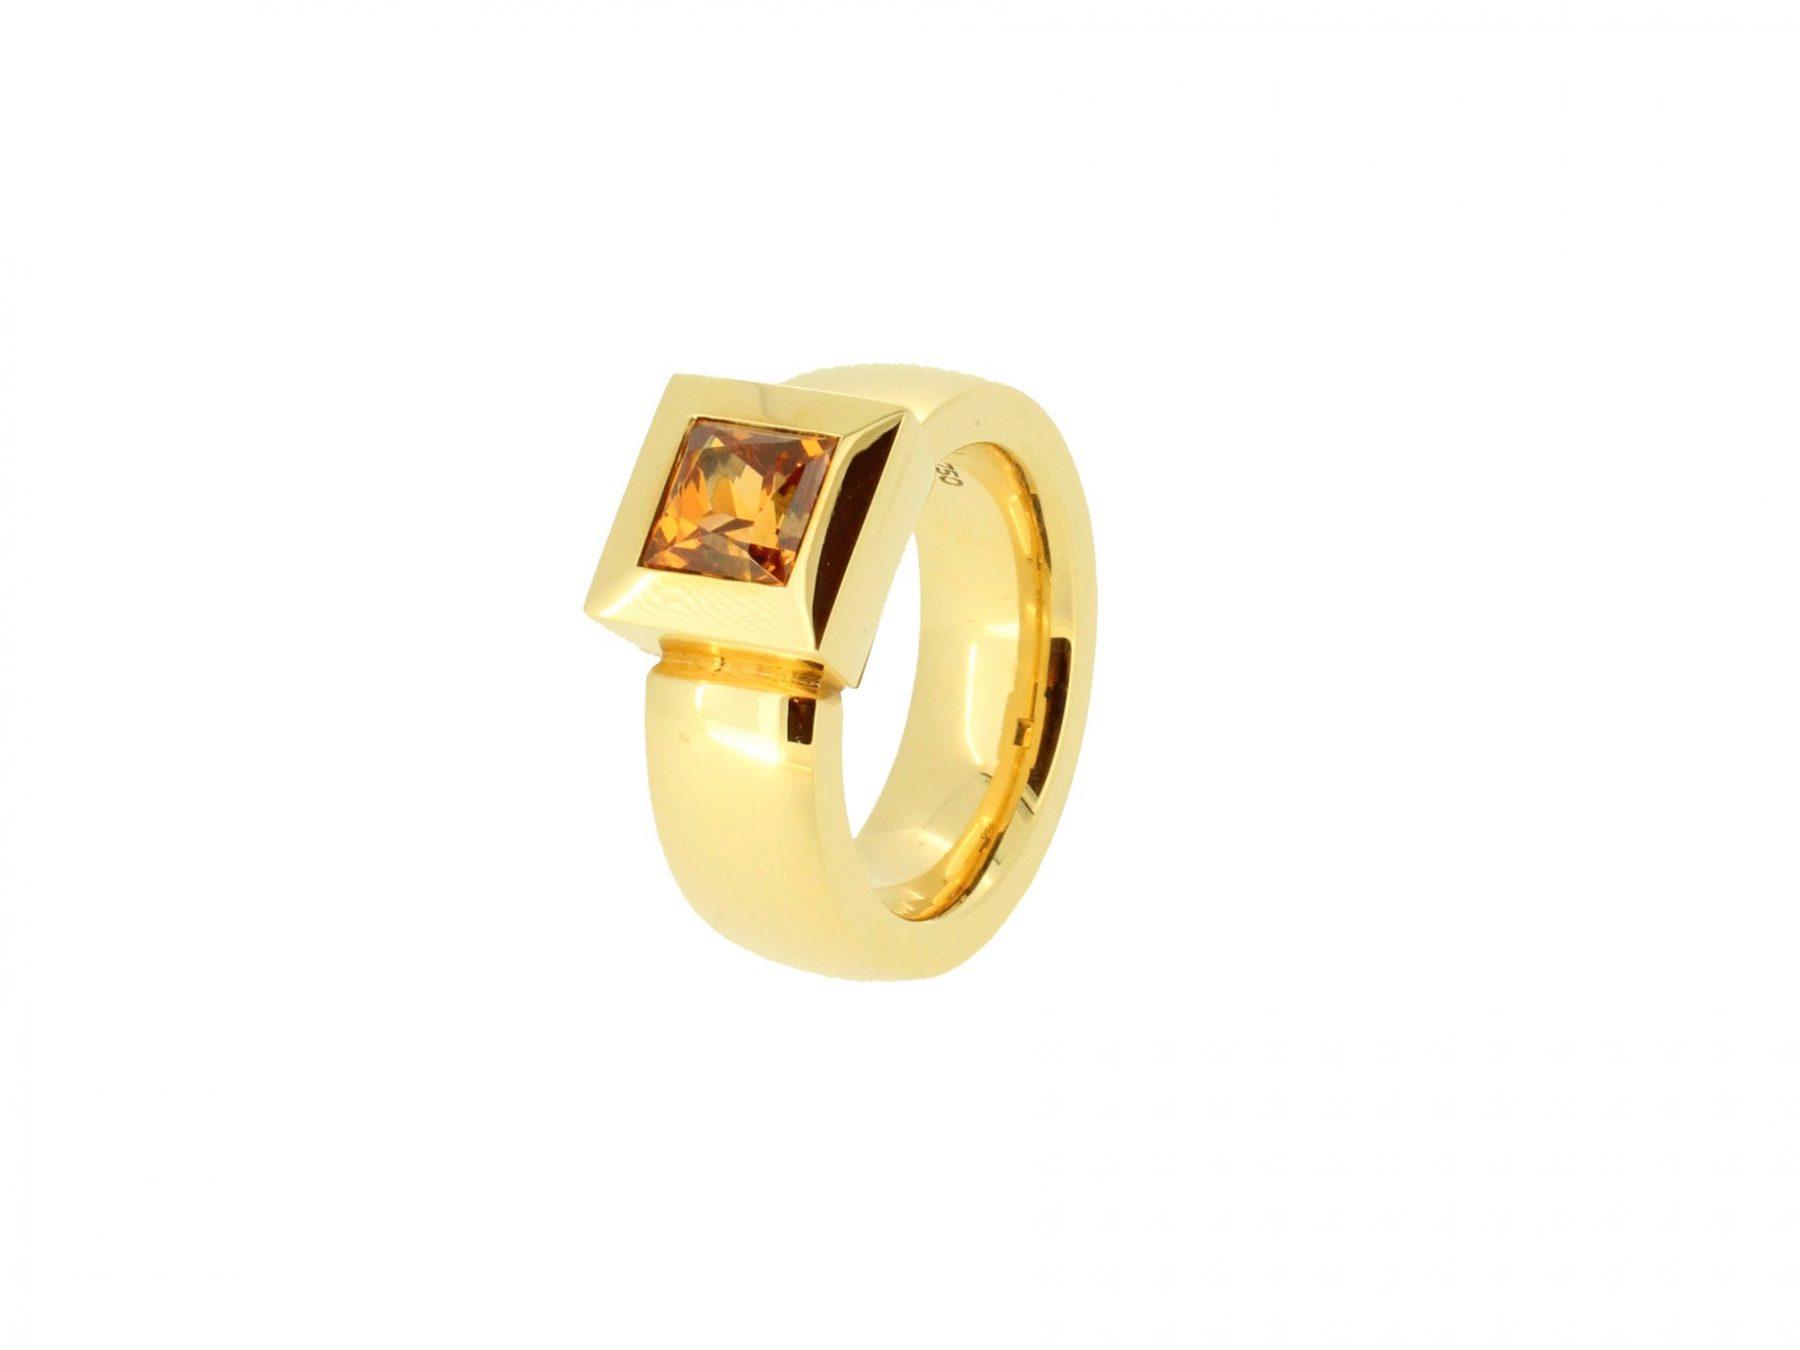 Ring Mandaringranat 18ct Gold - Jochen Pohl - 500XSgr